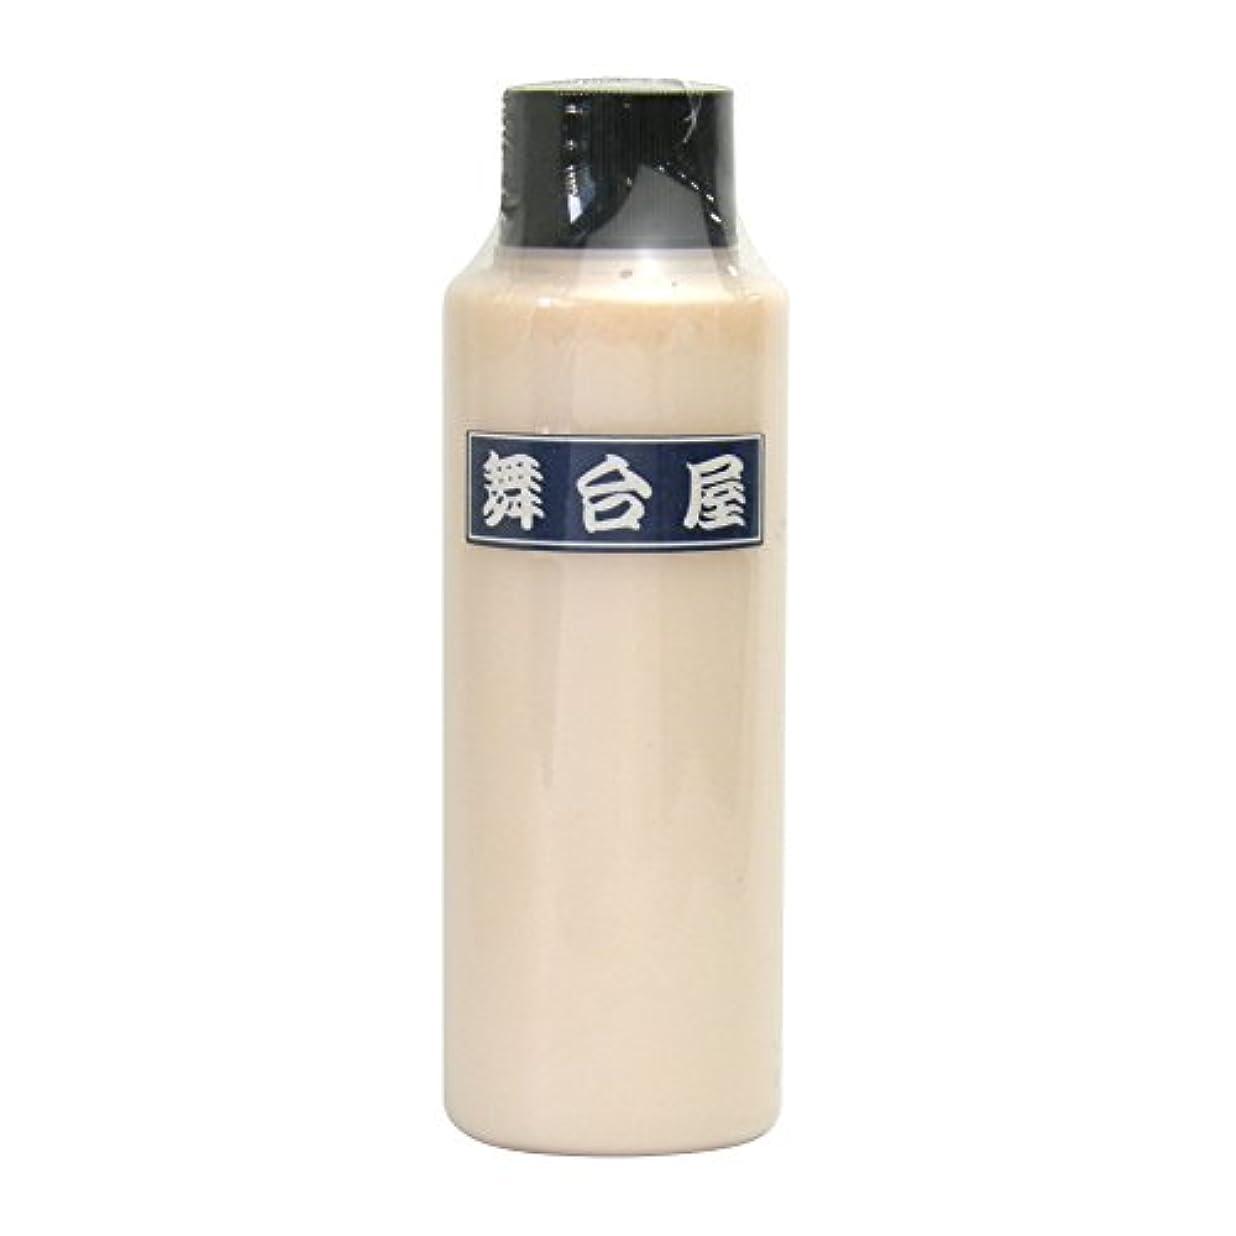 傘抑制に対応する舞台屋 水白粉 ピンク-1